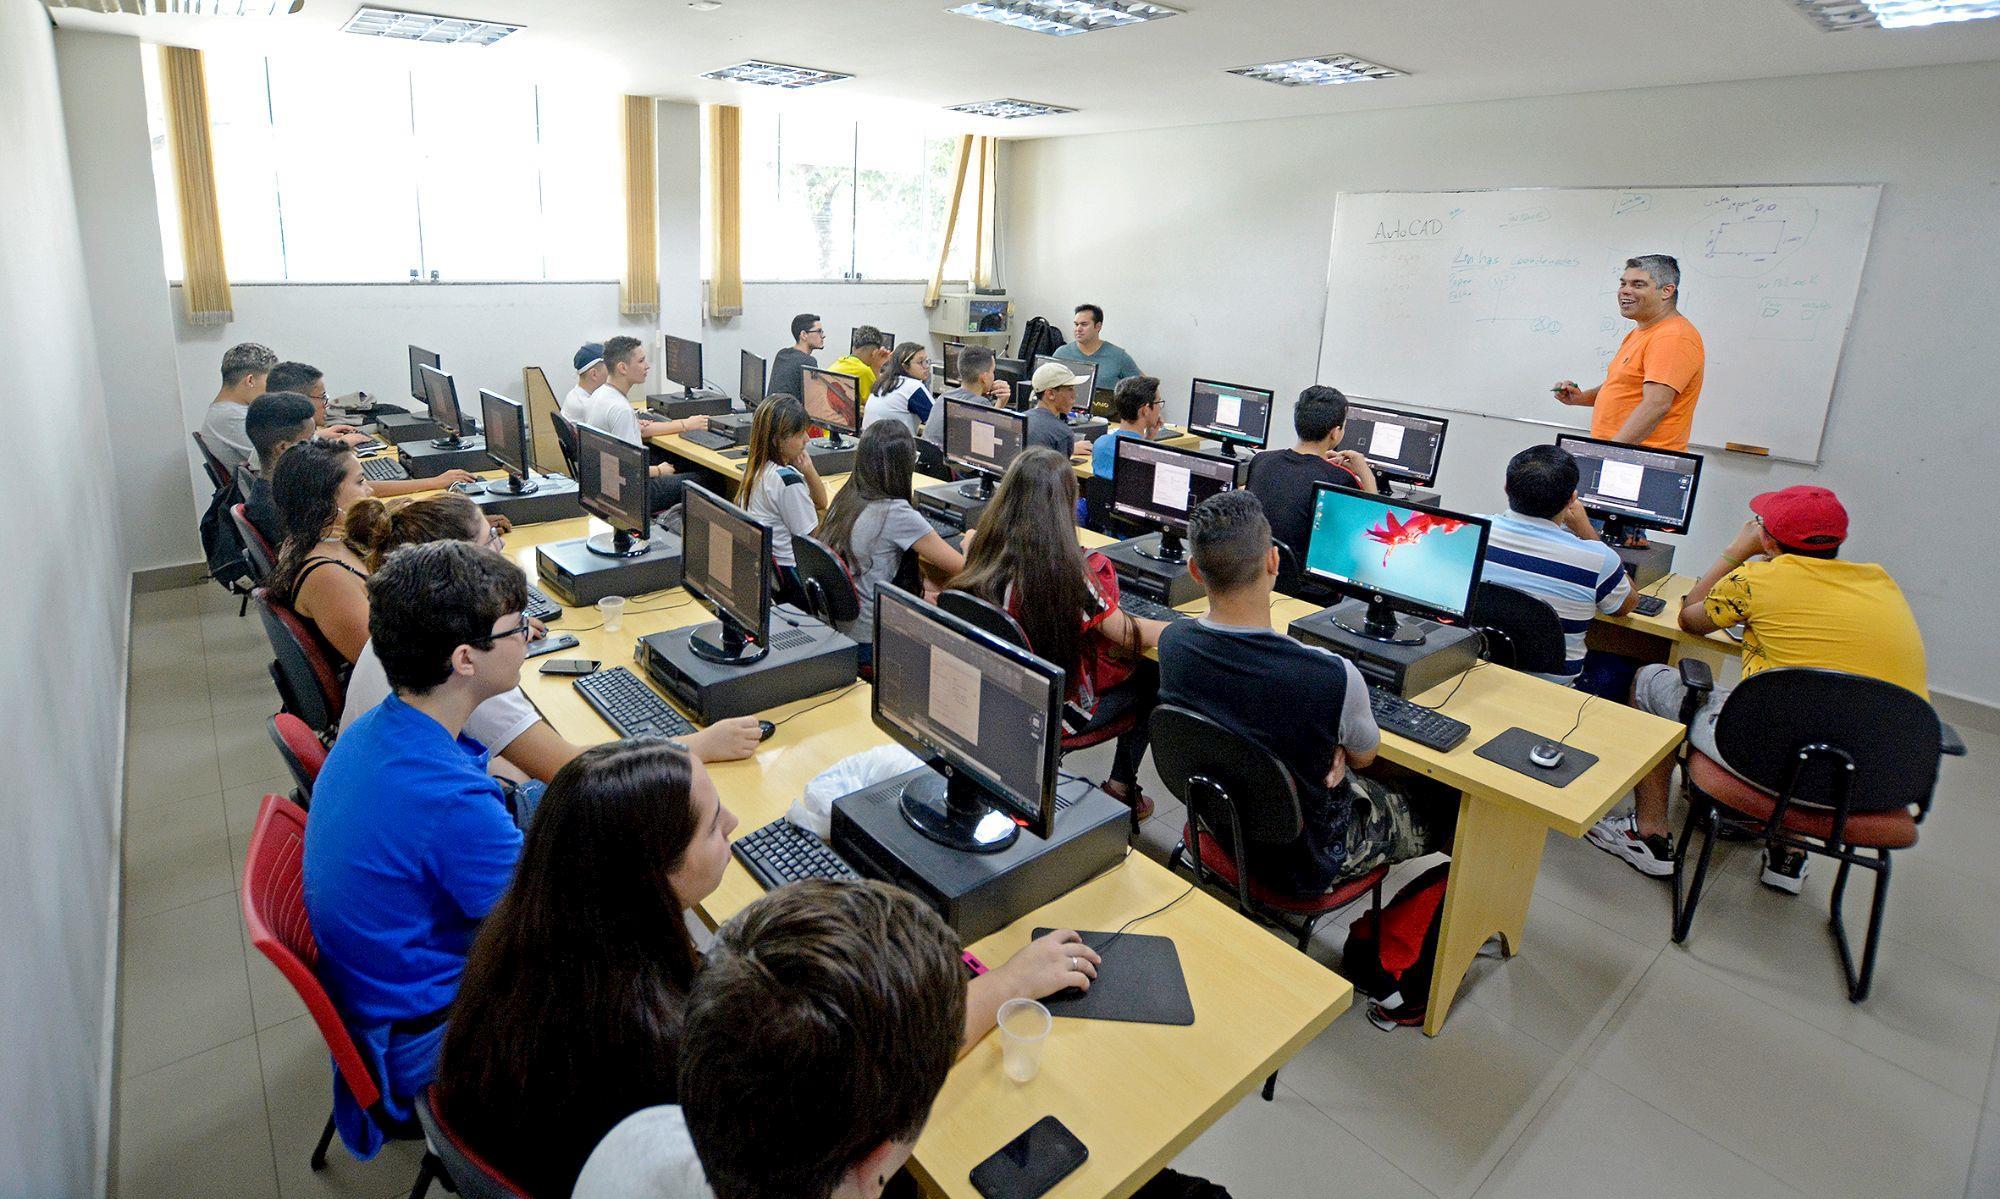 curso, rise, ecad, qualificação, aula, , Foguinho/Arquivo Imprensa SMetal